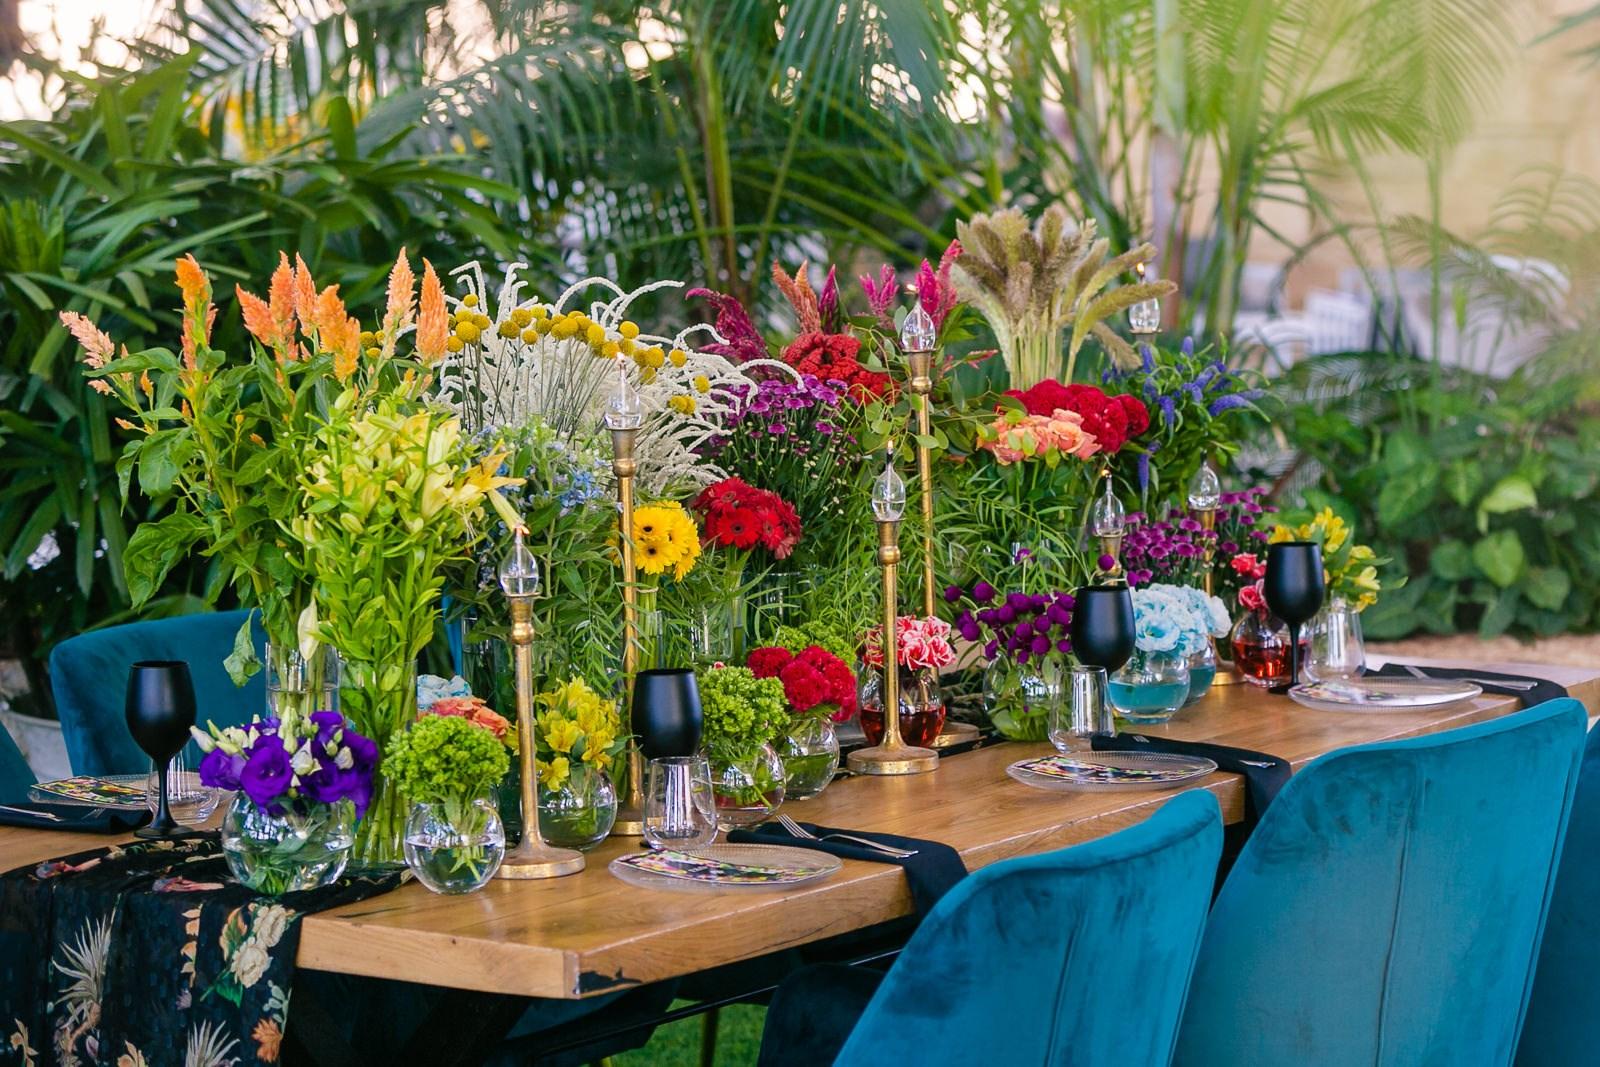 ג'ונגל וייב: הפקת חתונה צבעונית וקיצית, מקום לחגוג, 3